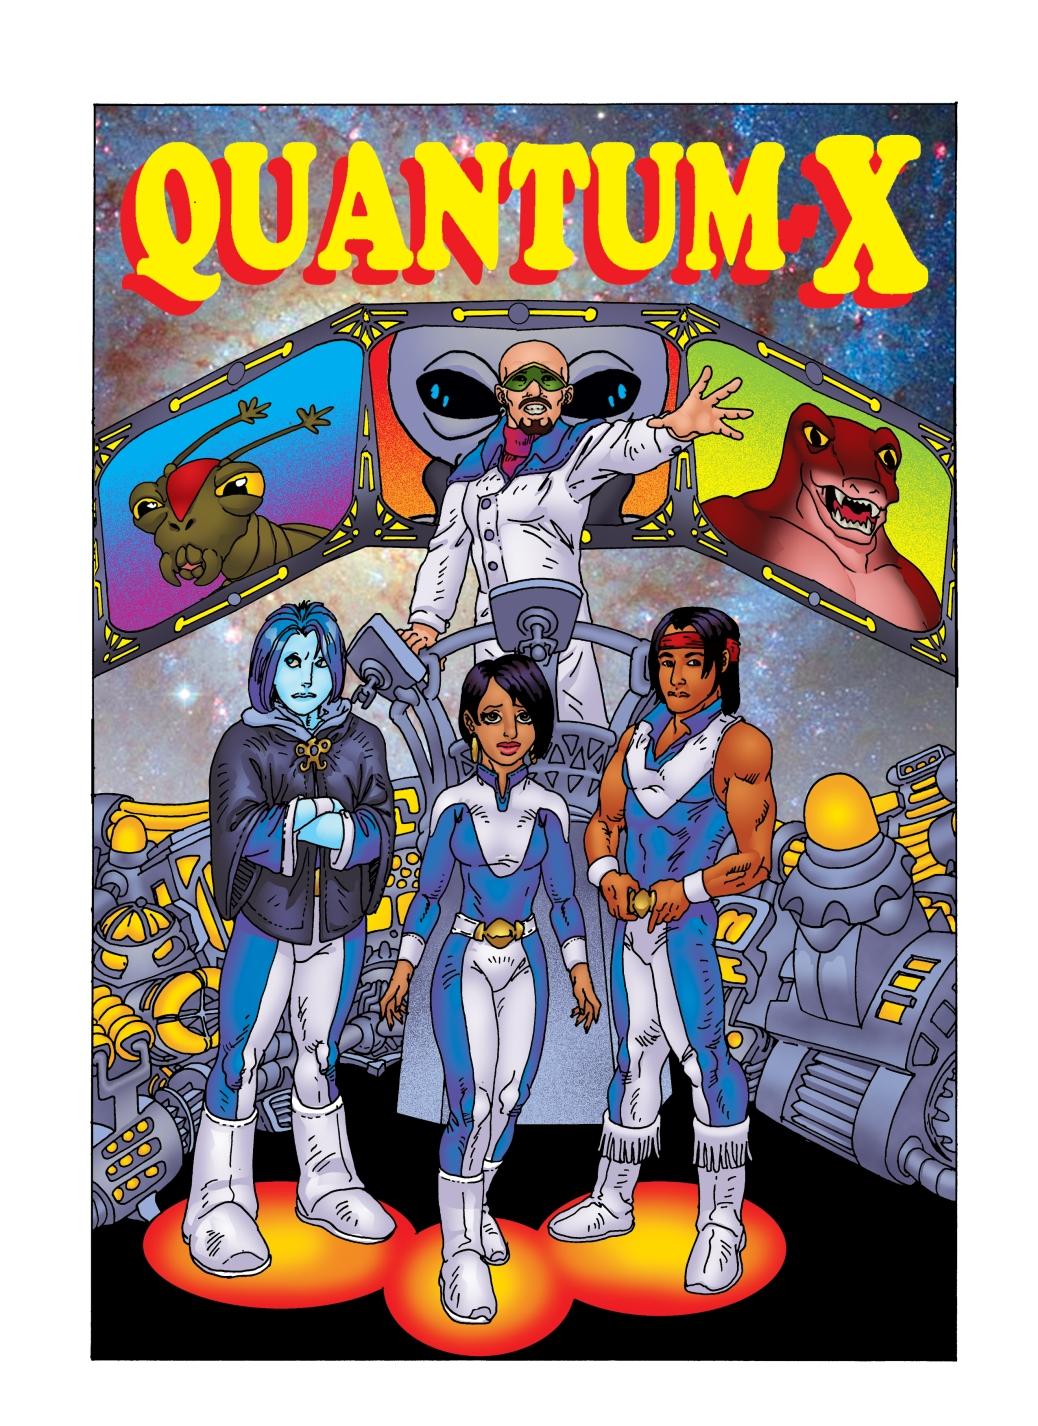 Cover Art for #1 Quantum-X